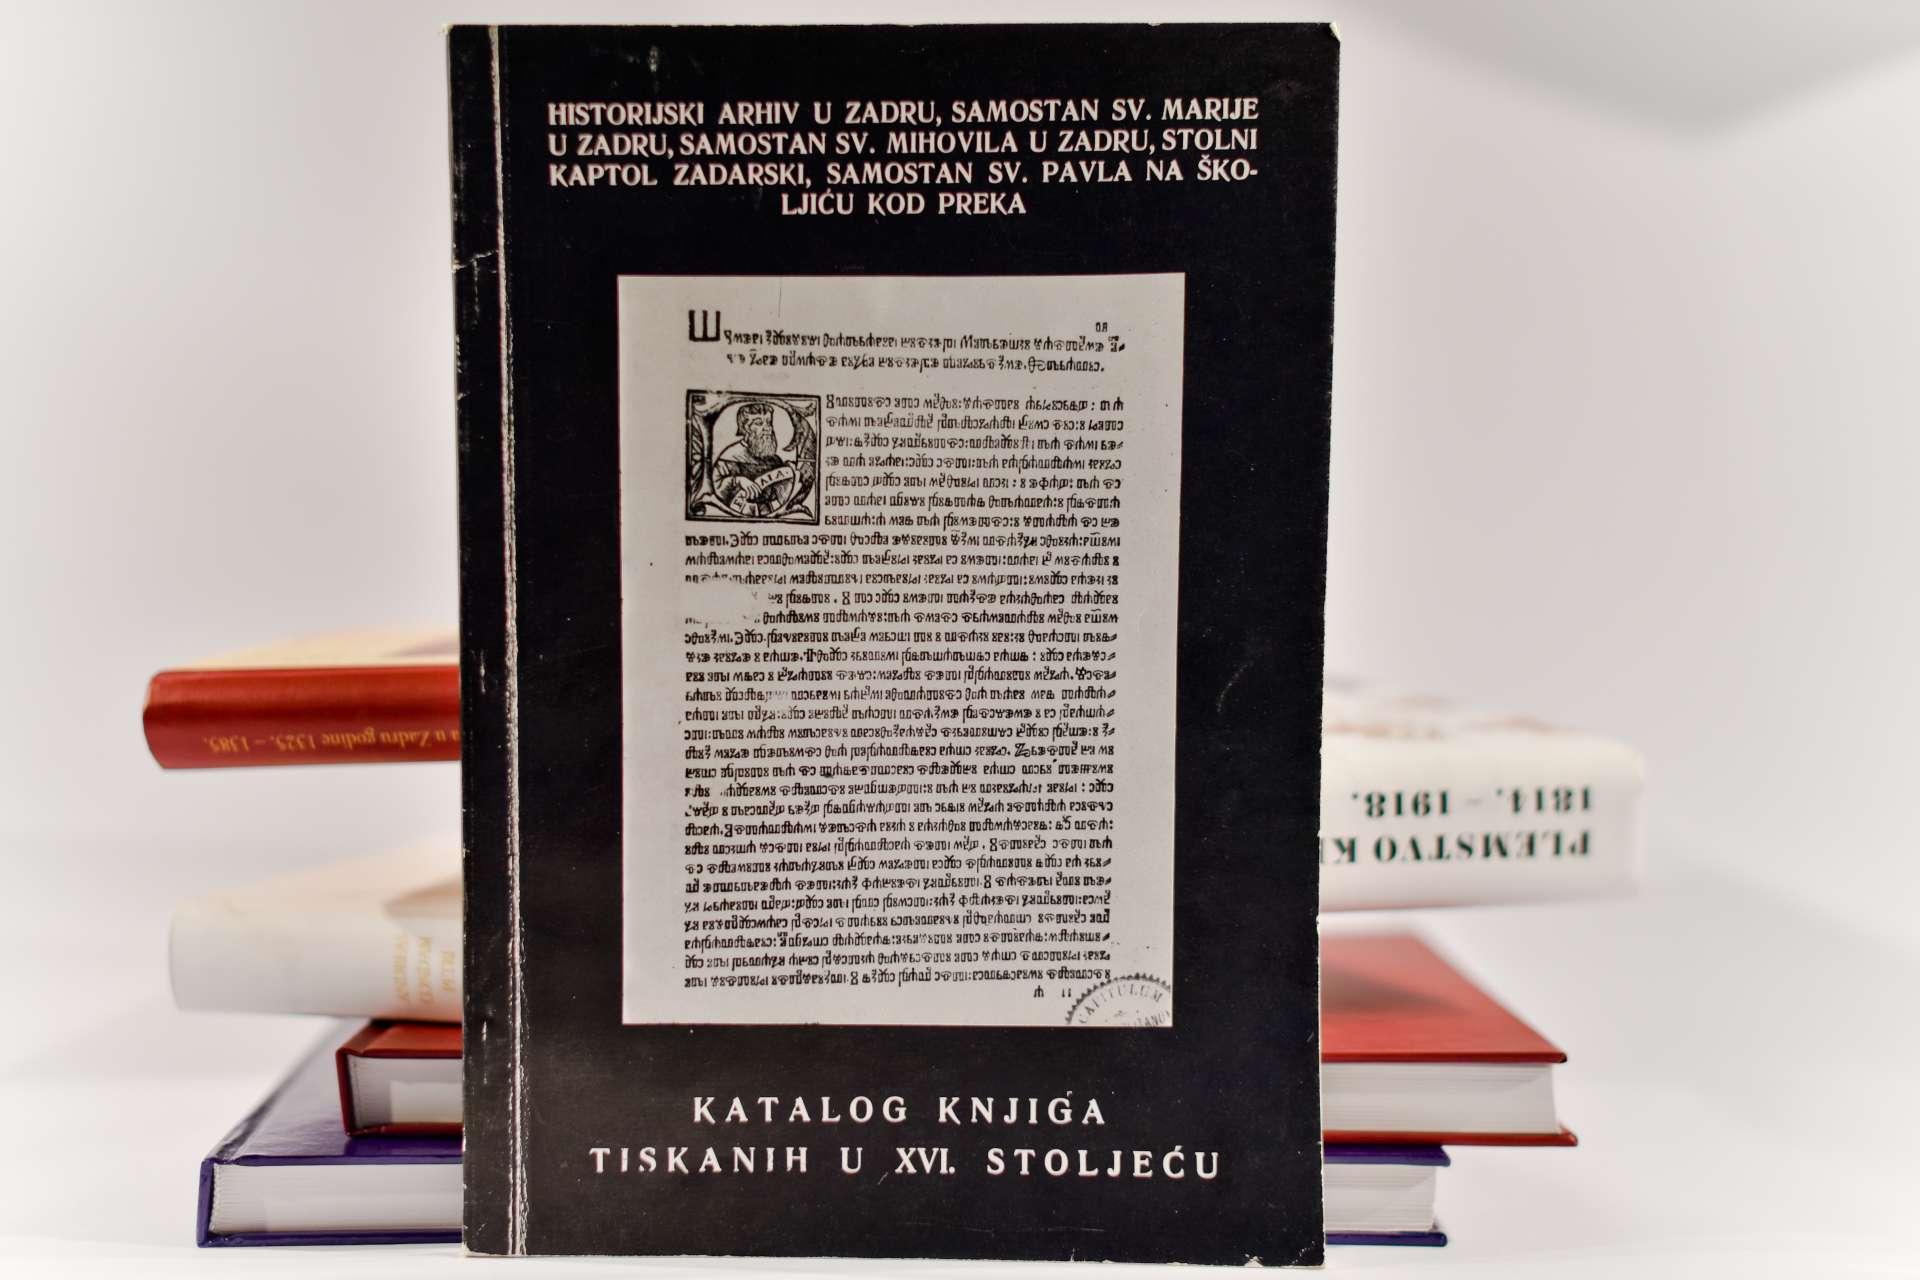 KATALOG KNJIGA TISKANIH U XVI. STOLJEĆU